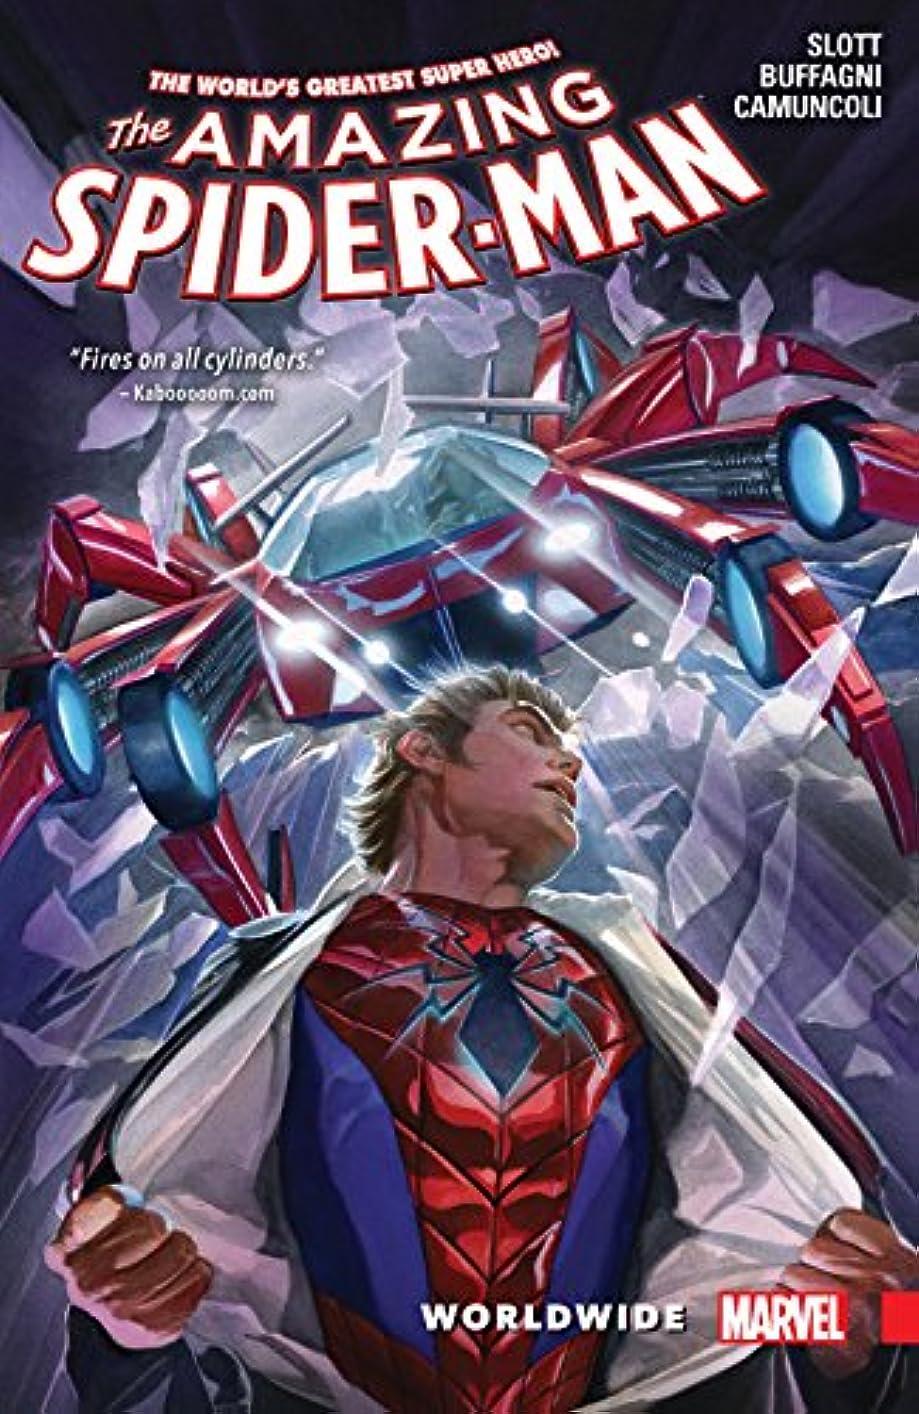 量で再集計脅威Amazing Spider-Man: Worldwide Vol. 2 (Amazing Spider-Man (2015-2018)) (English Edition)